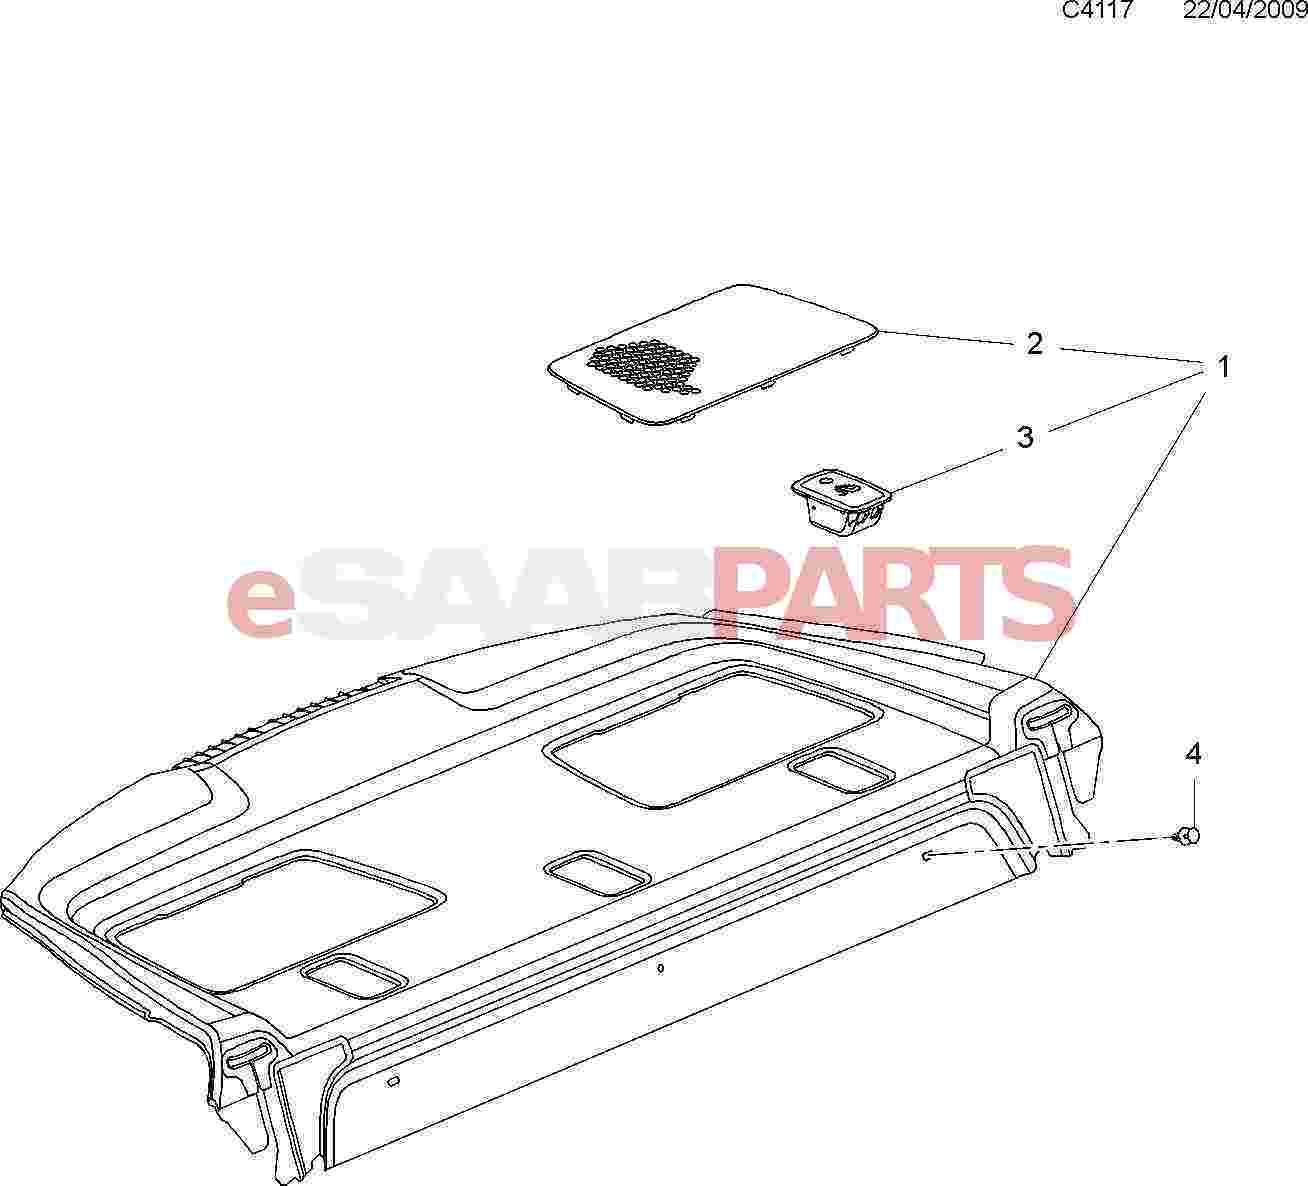 eSaabParts com - Saab 9-5 (650) > Car Body: Internal Parts